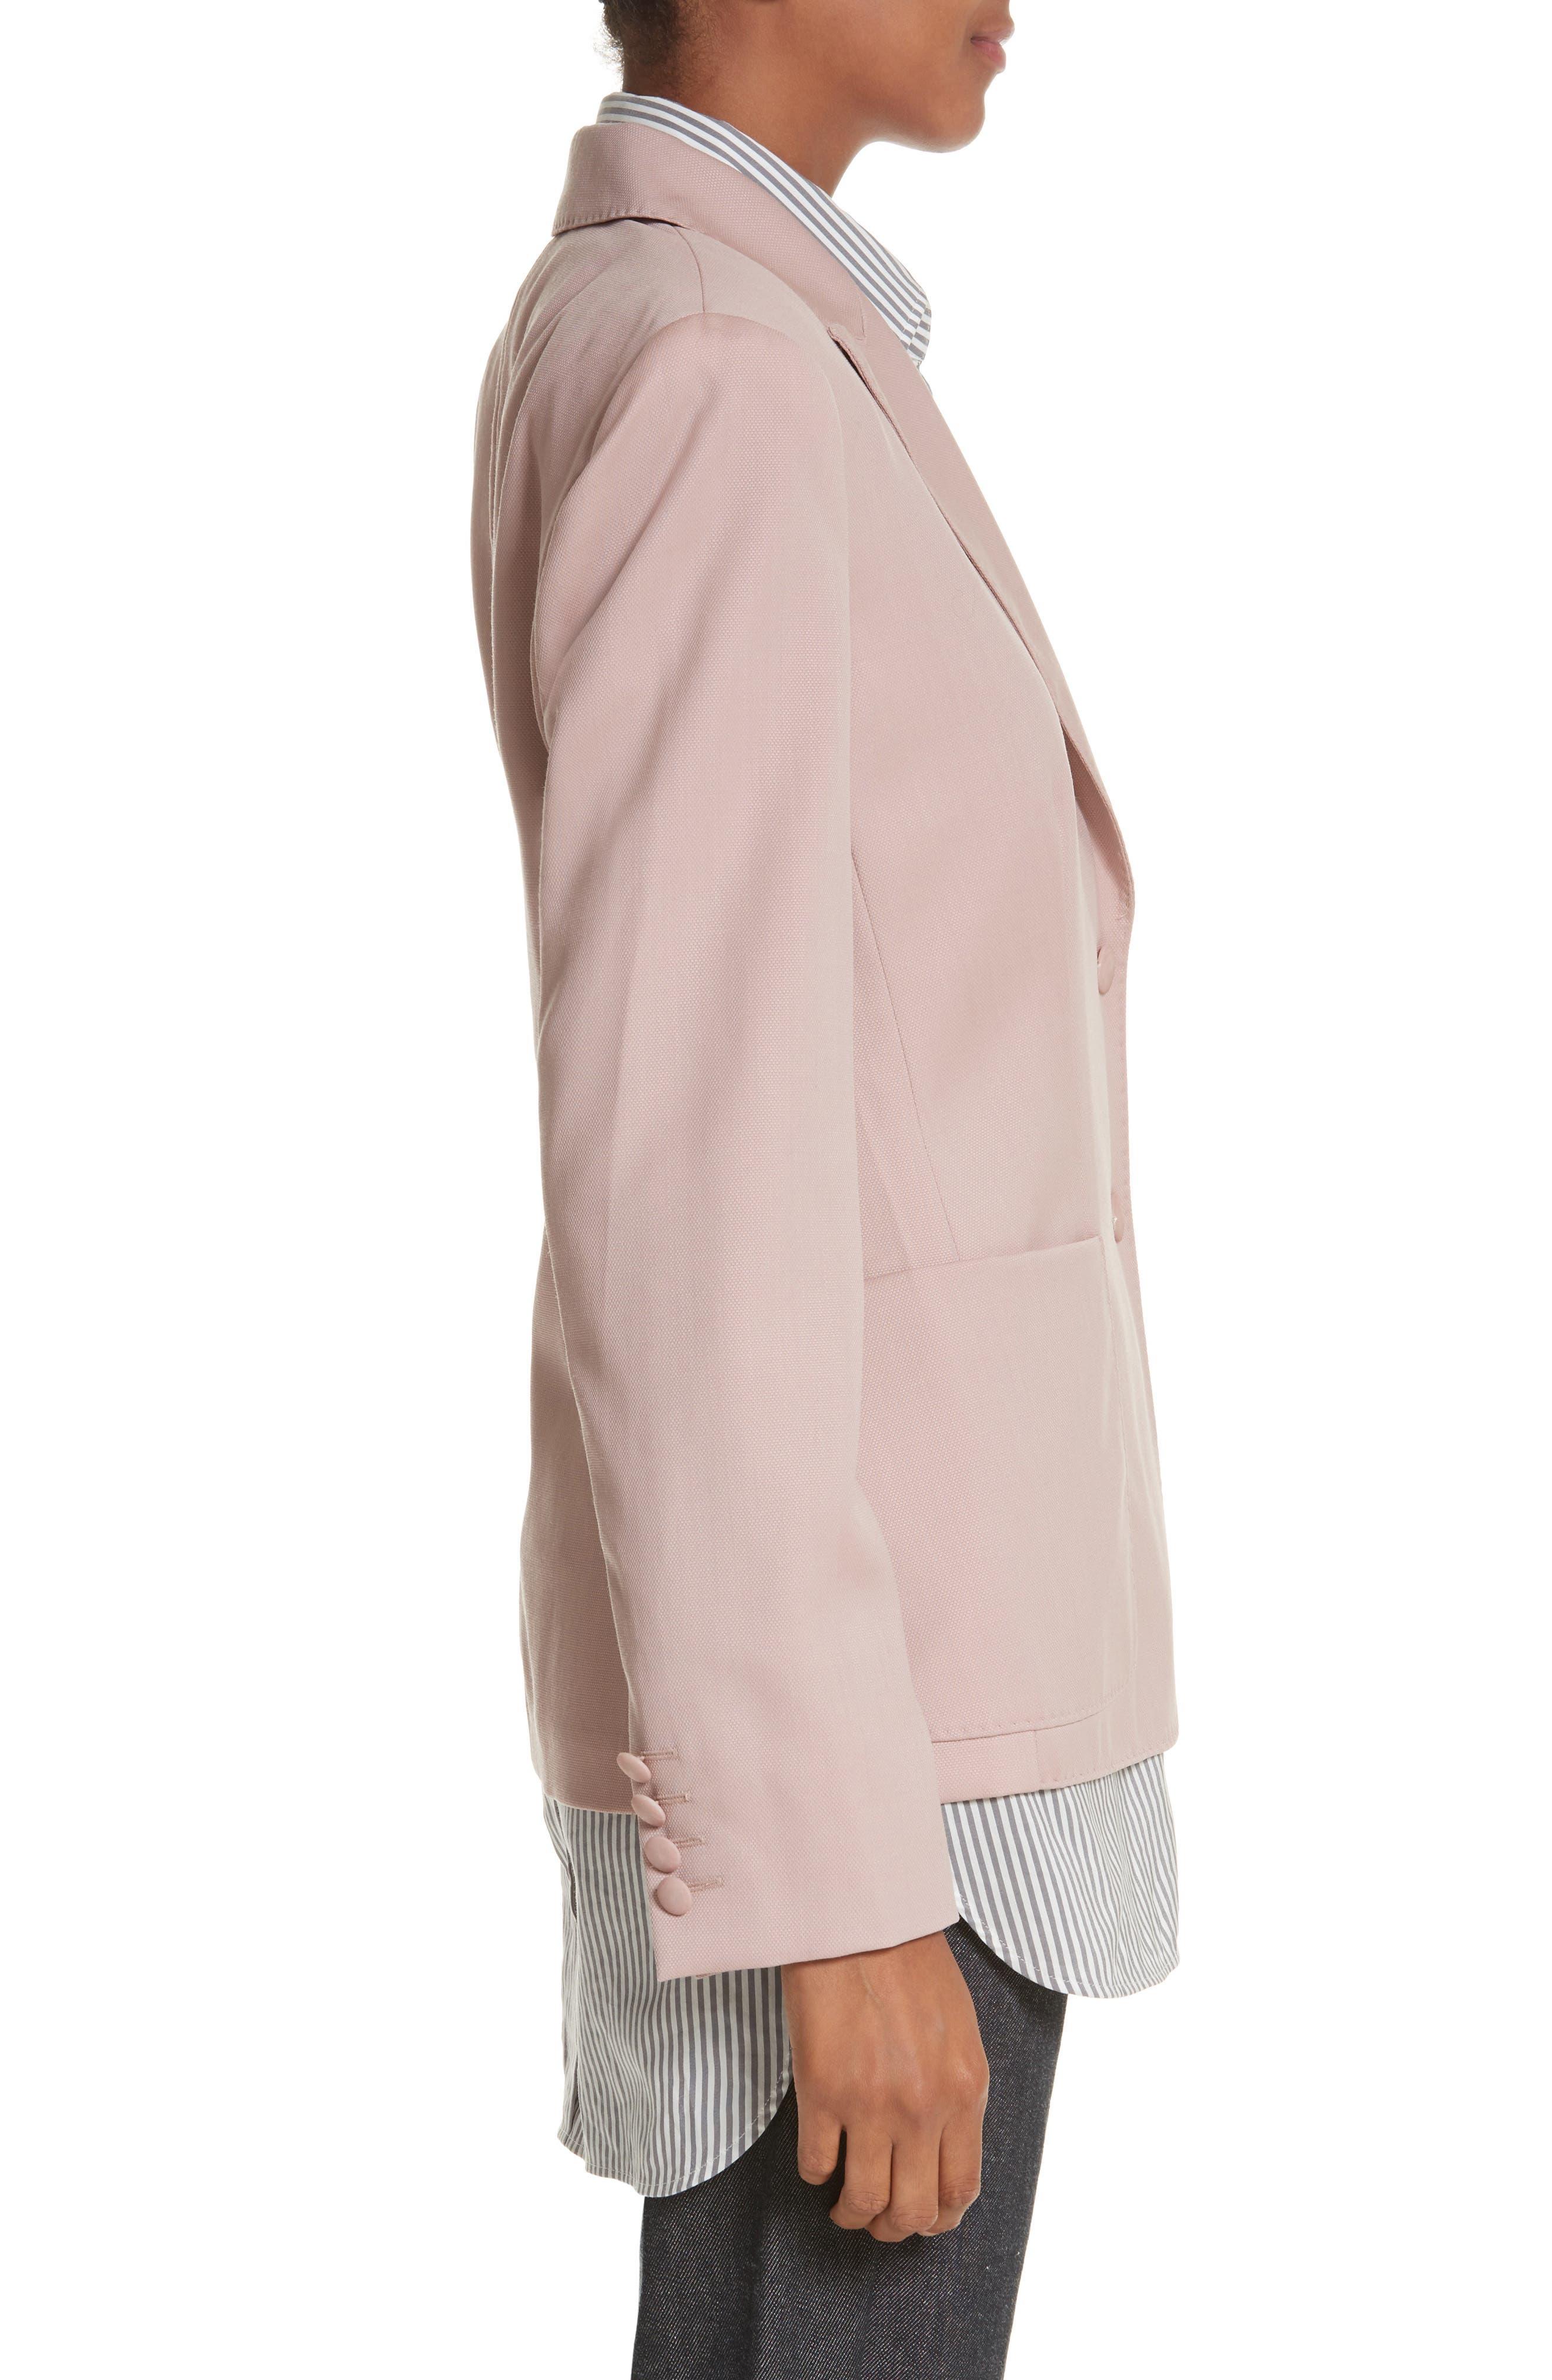 Panaro Wool Jacket,                             Alternate thumbnail 4, color,                             Blush